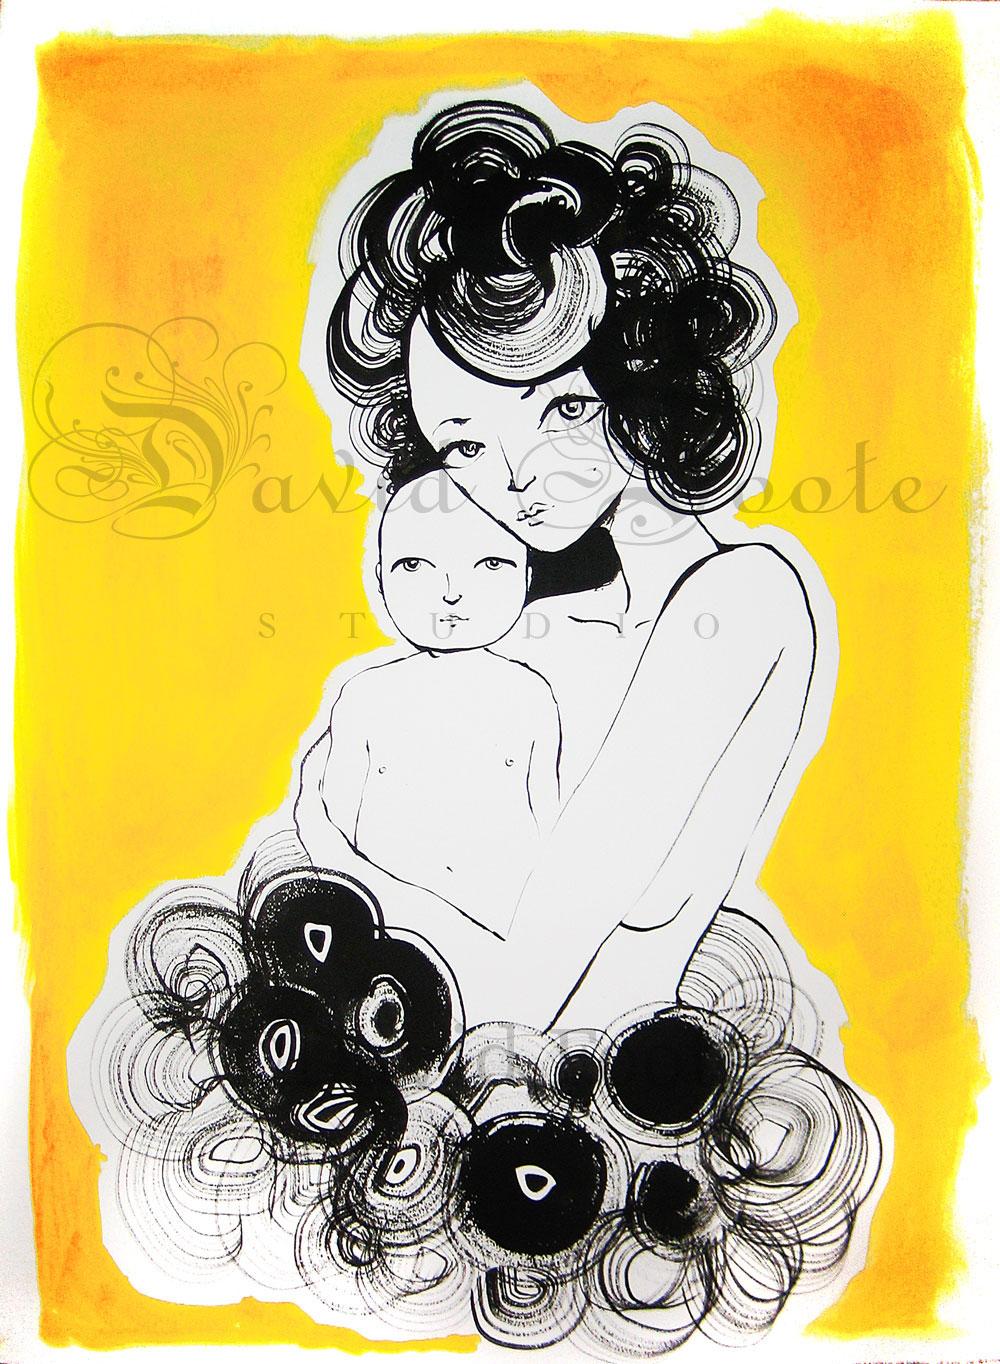 madonna-and-child-in-spirals.jpg